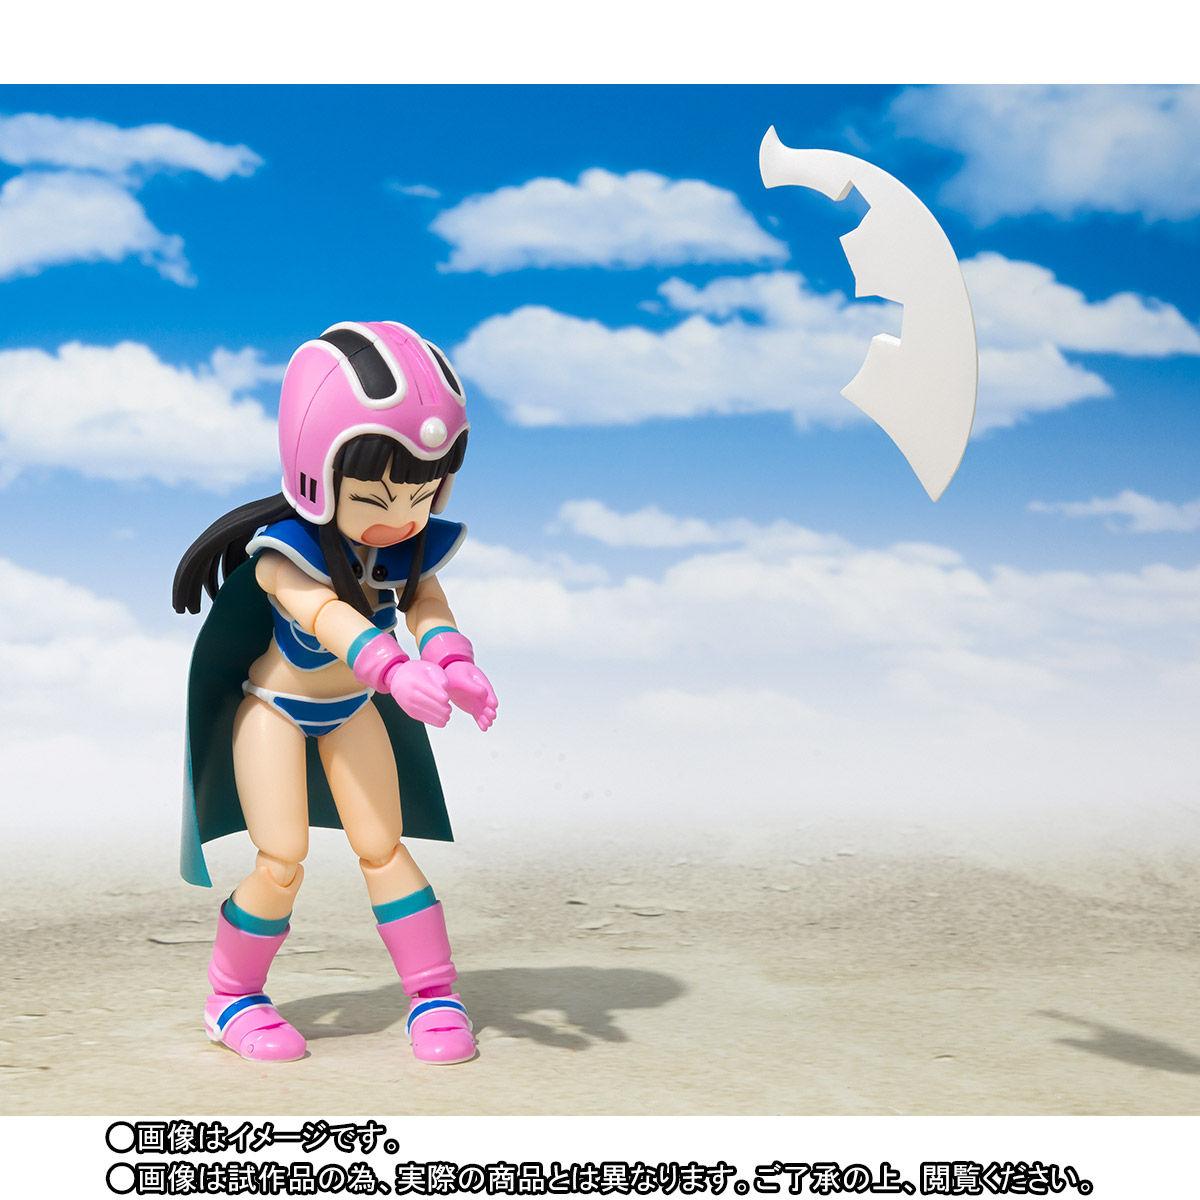 【限定販売】S.H.Figuarts『チチ -少女期-』ドラゴンボール 可動フィギュア-007